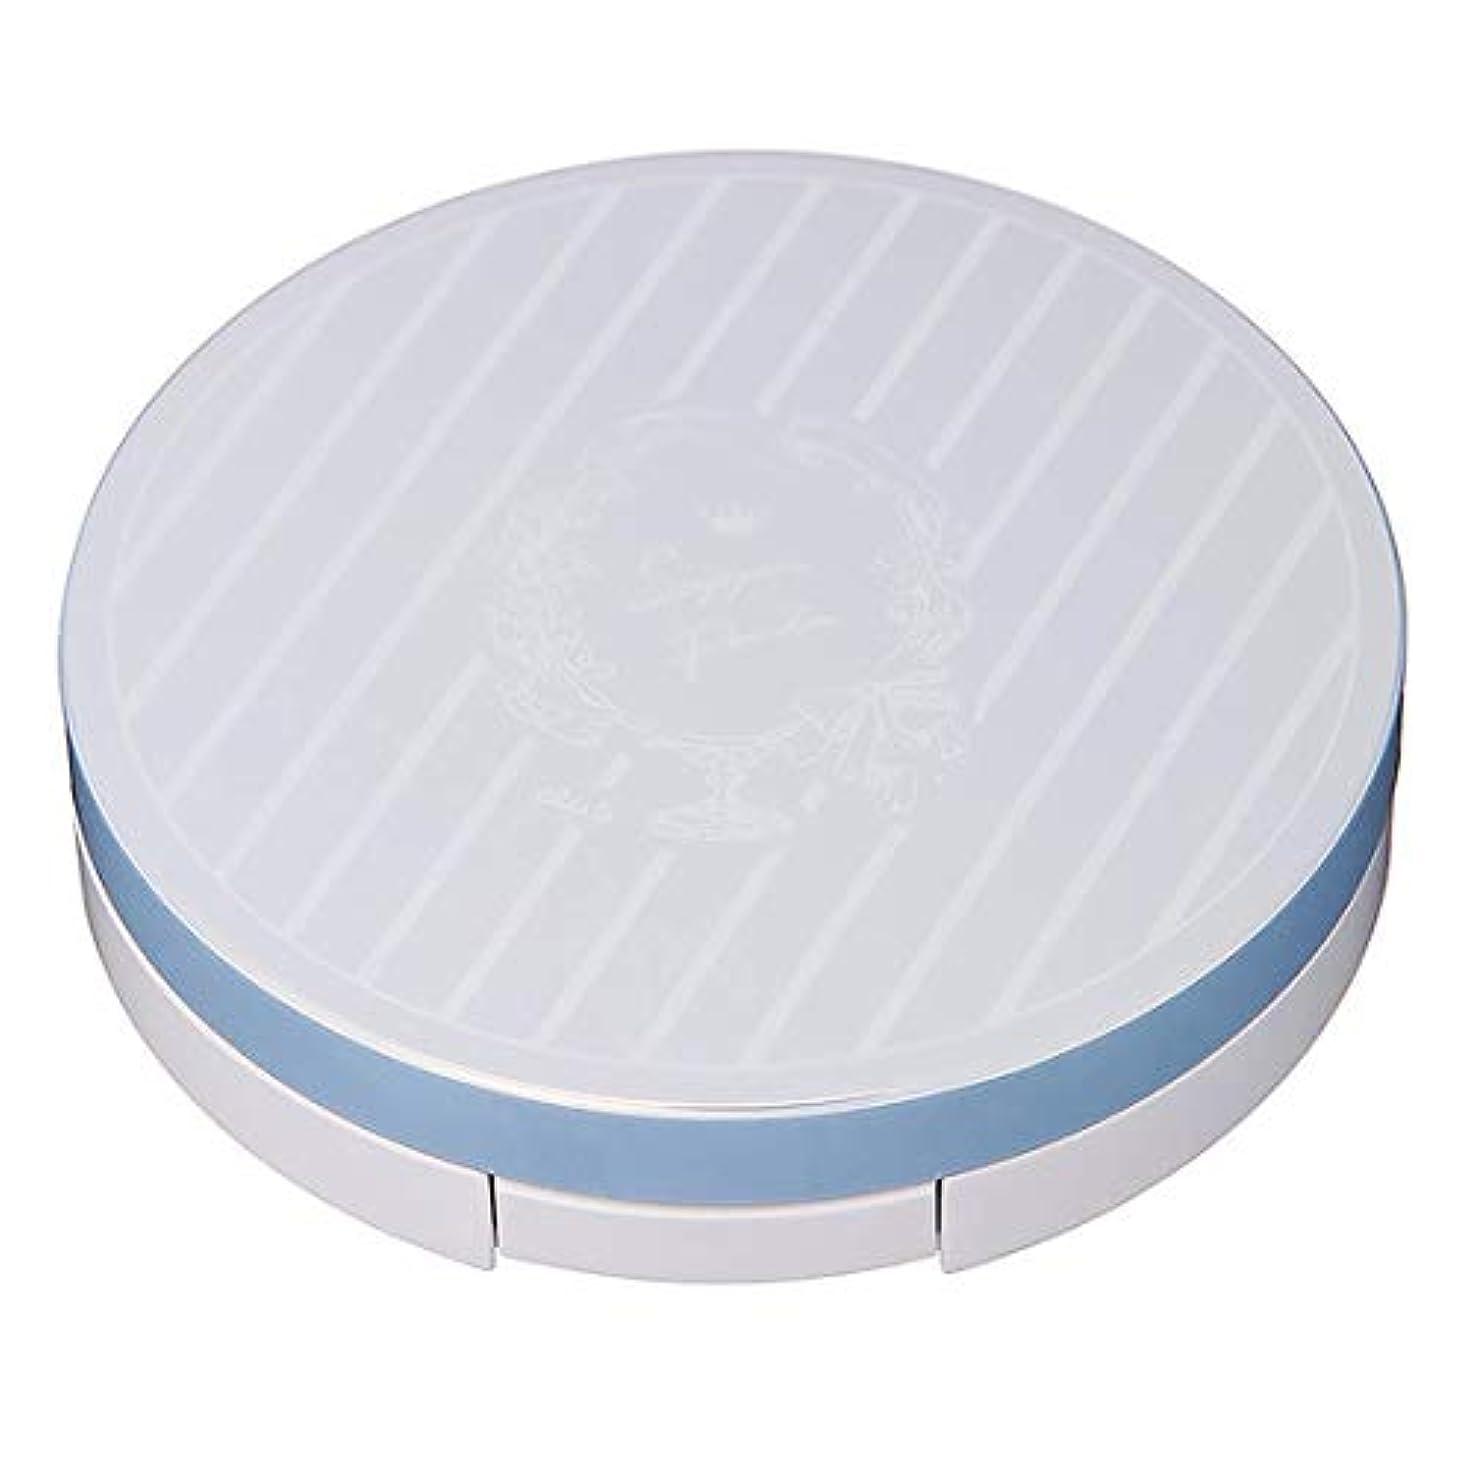 命題代わりの製造すっぴんパウダー コンパクトタイプ (ホワイトフローラルブーケの香り)